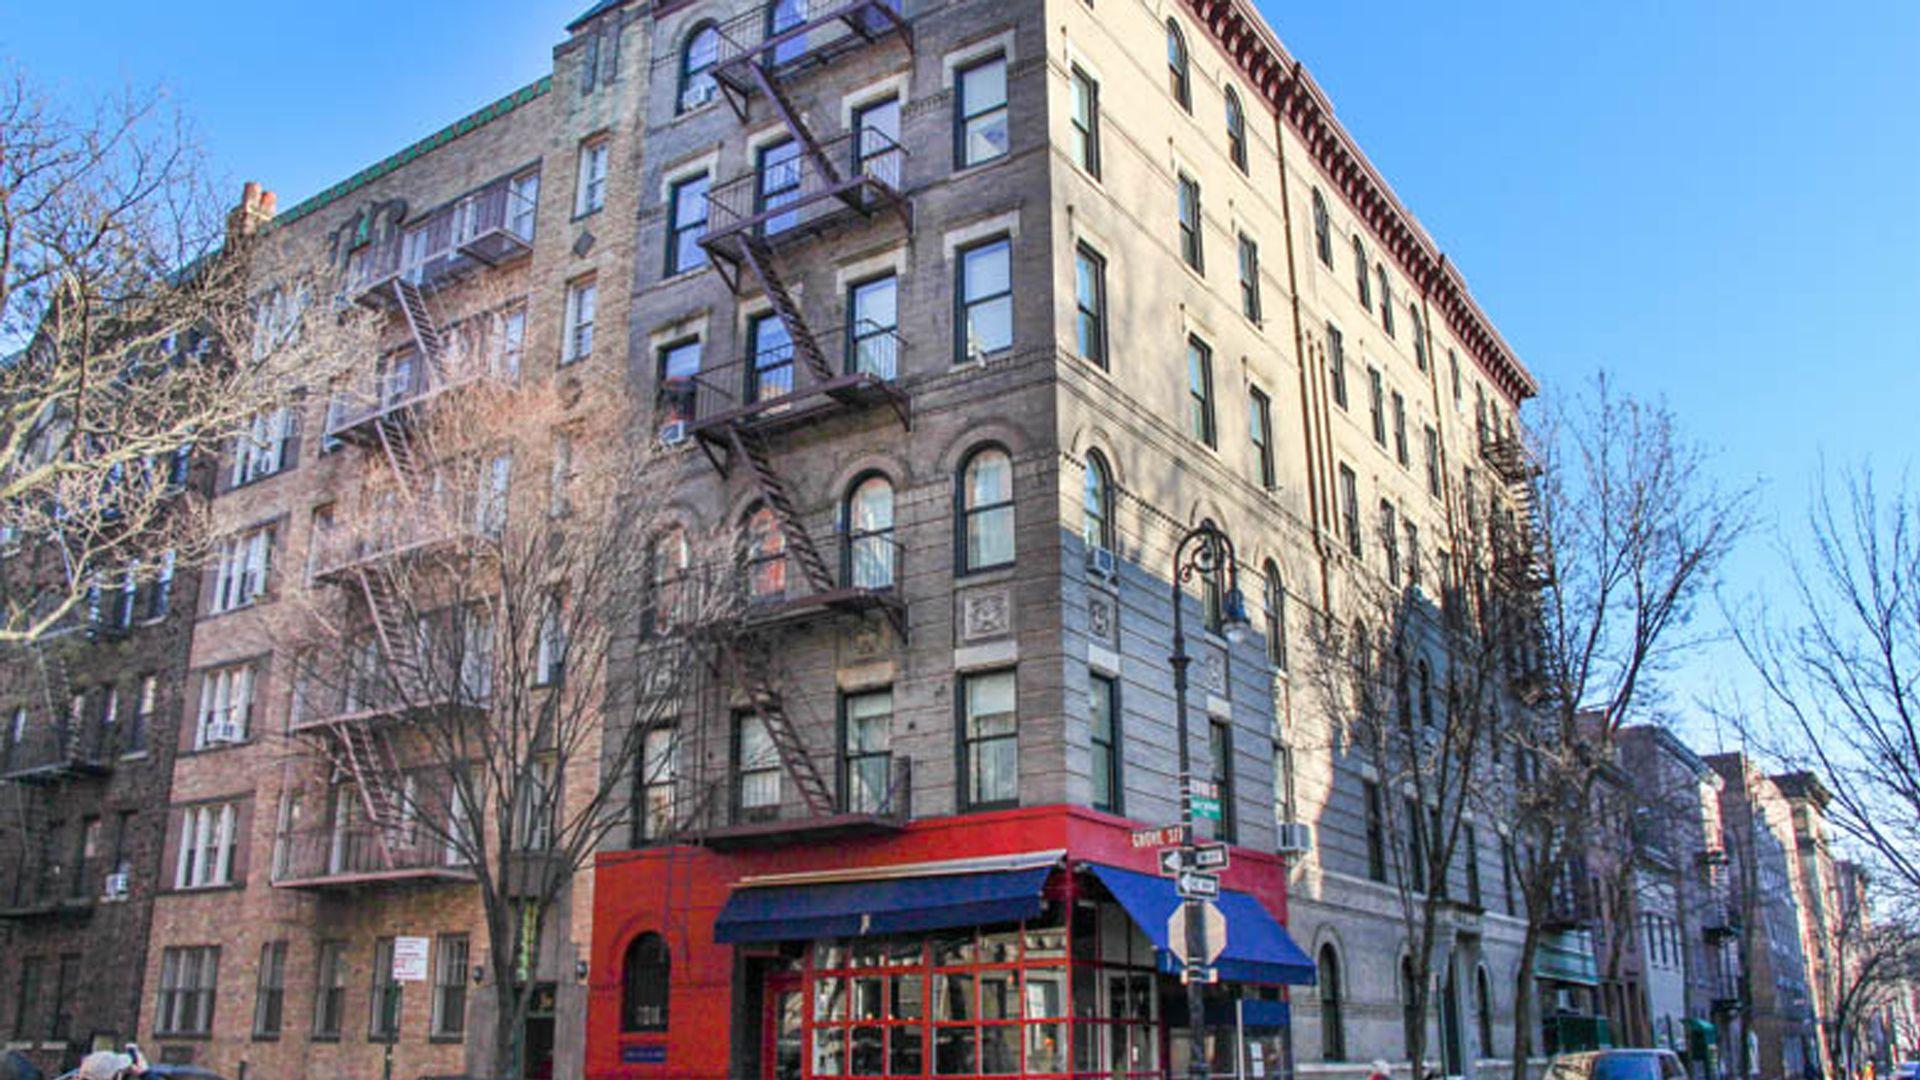 El recordado edificio donde en la serie de TV vivían los protagonistas de la serie Friends (Foto: Archivo)